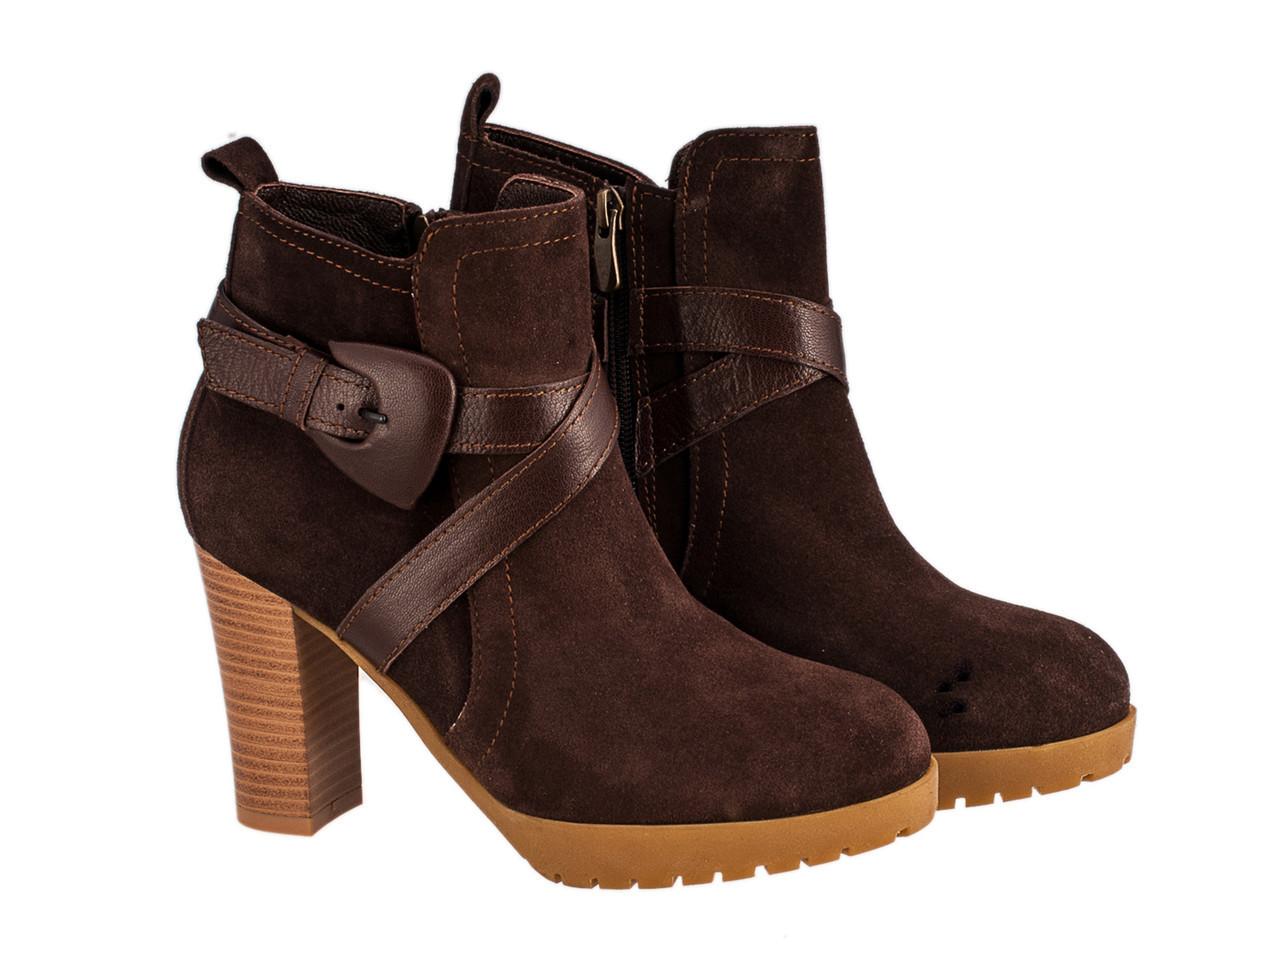 Ботинки Etor 1438-1088-0041 37 коричневые